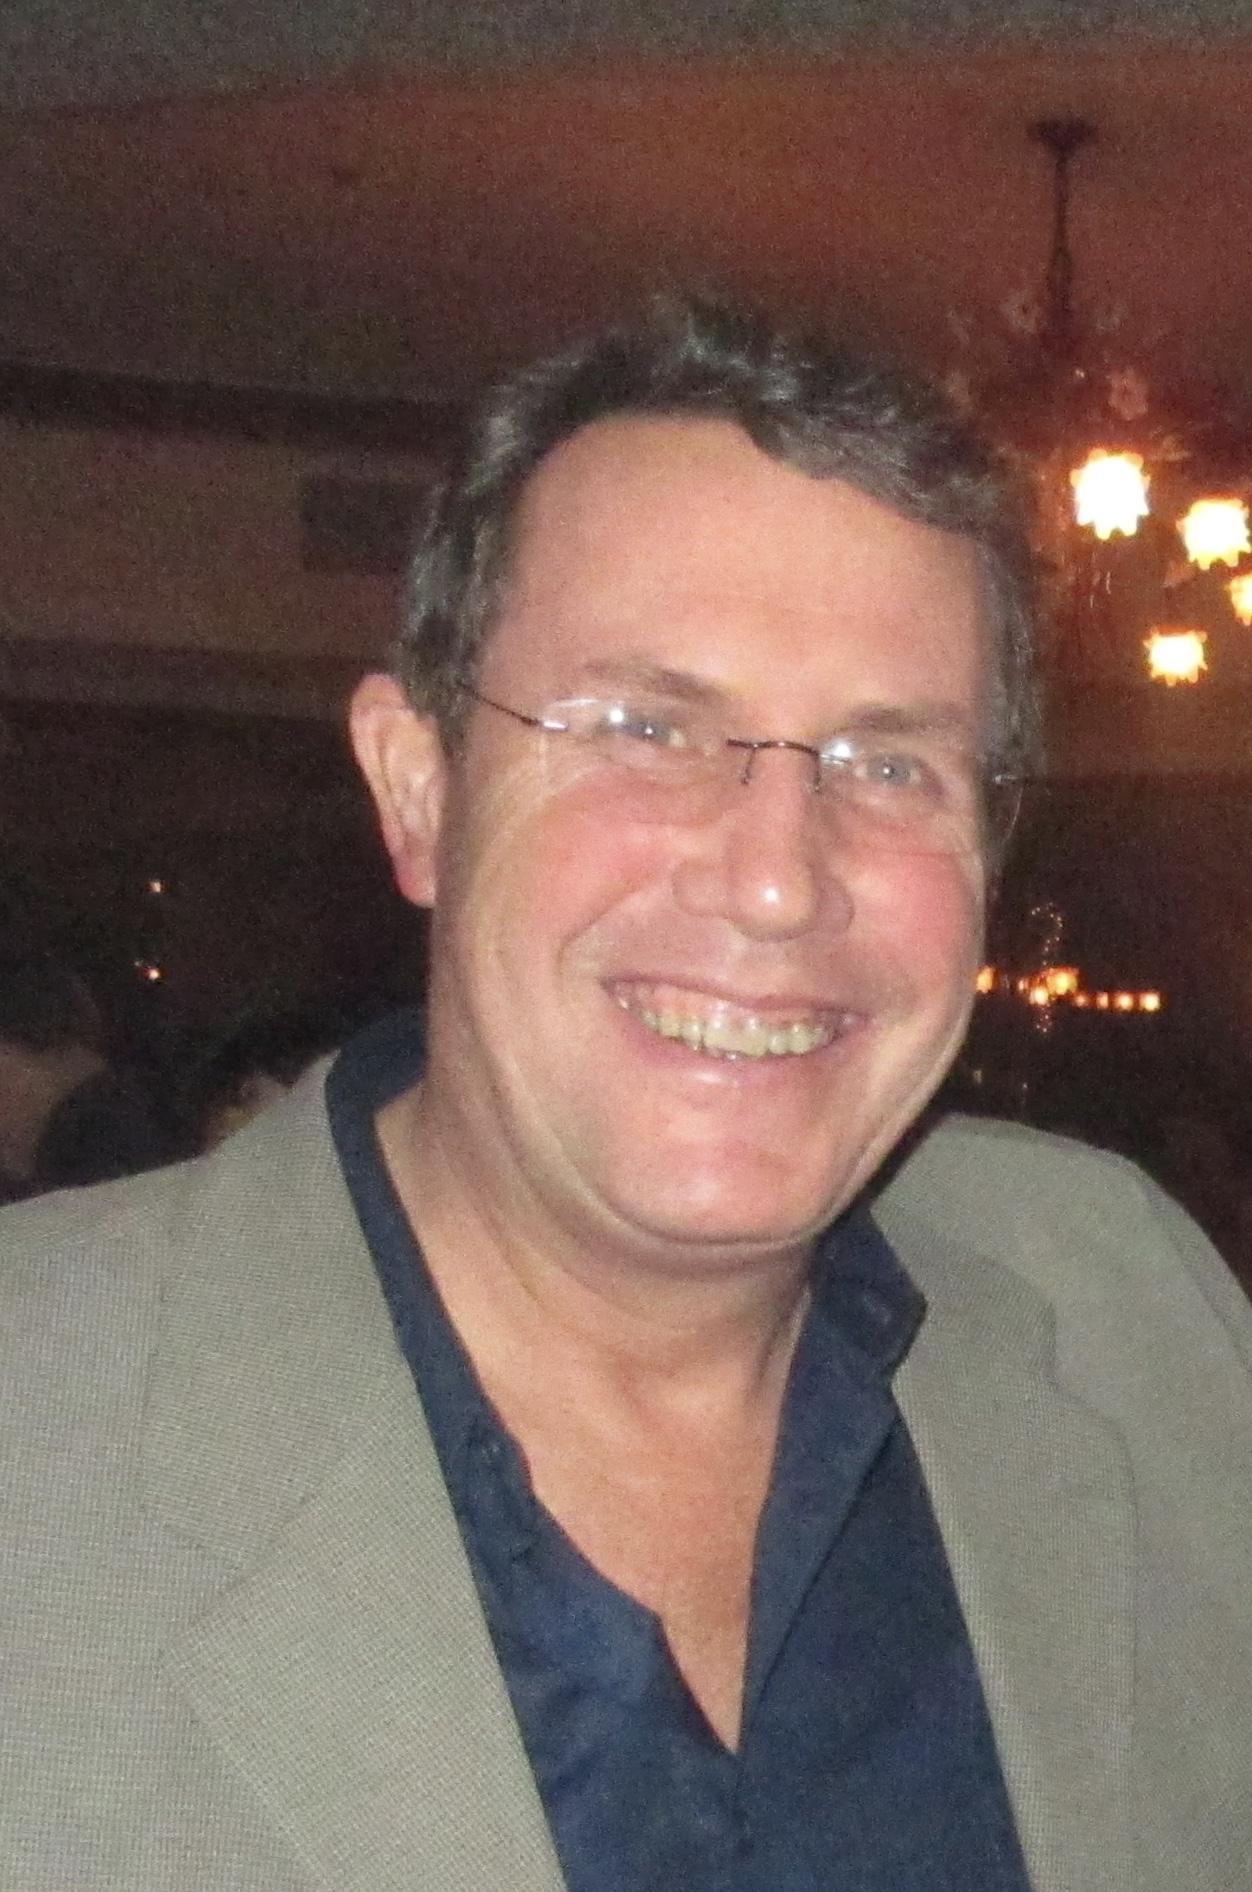 waveman's avatar